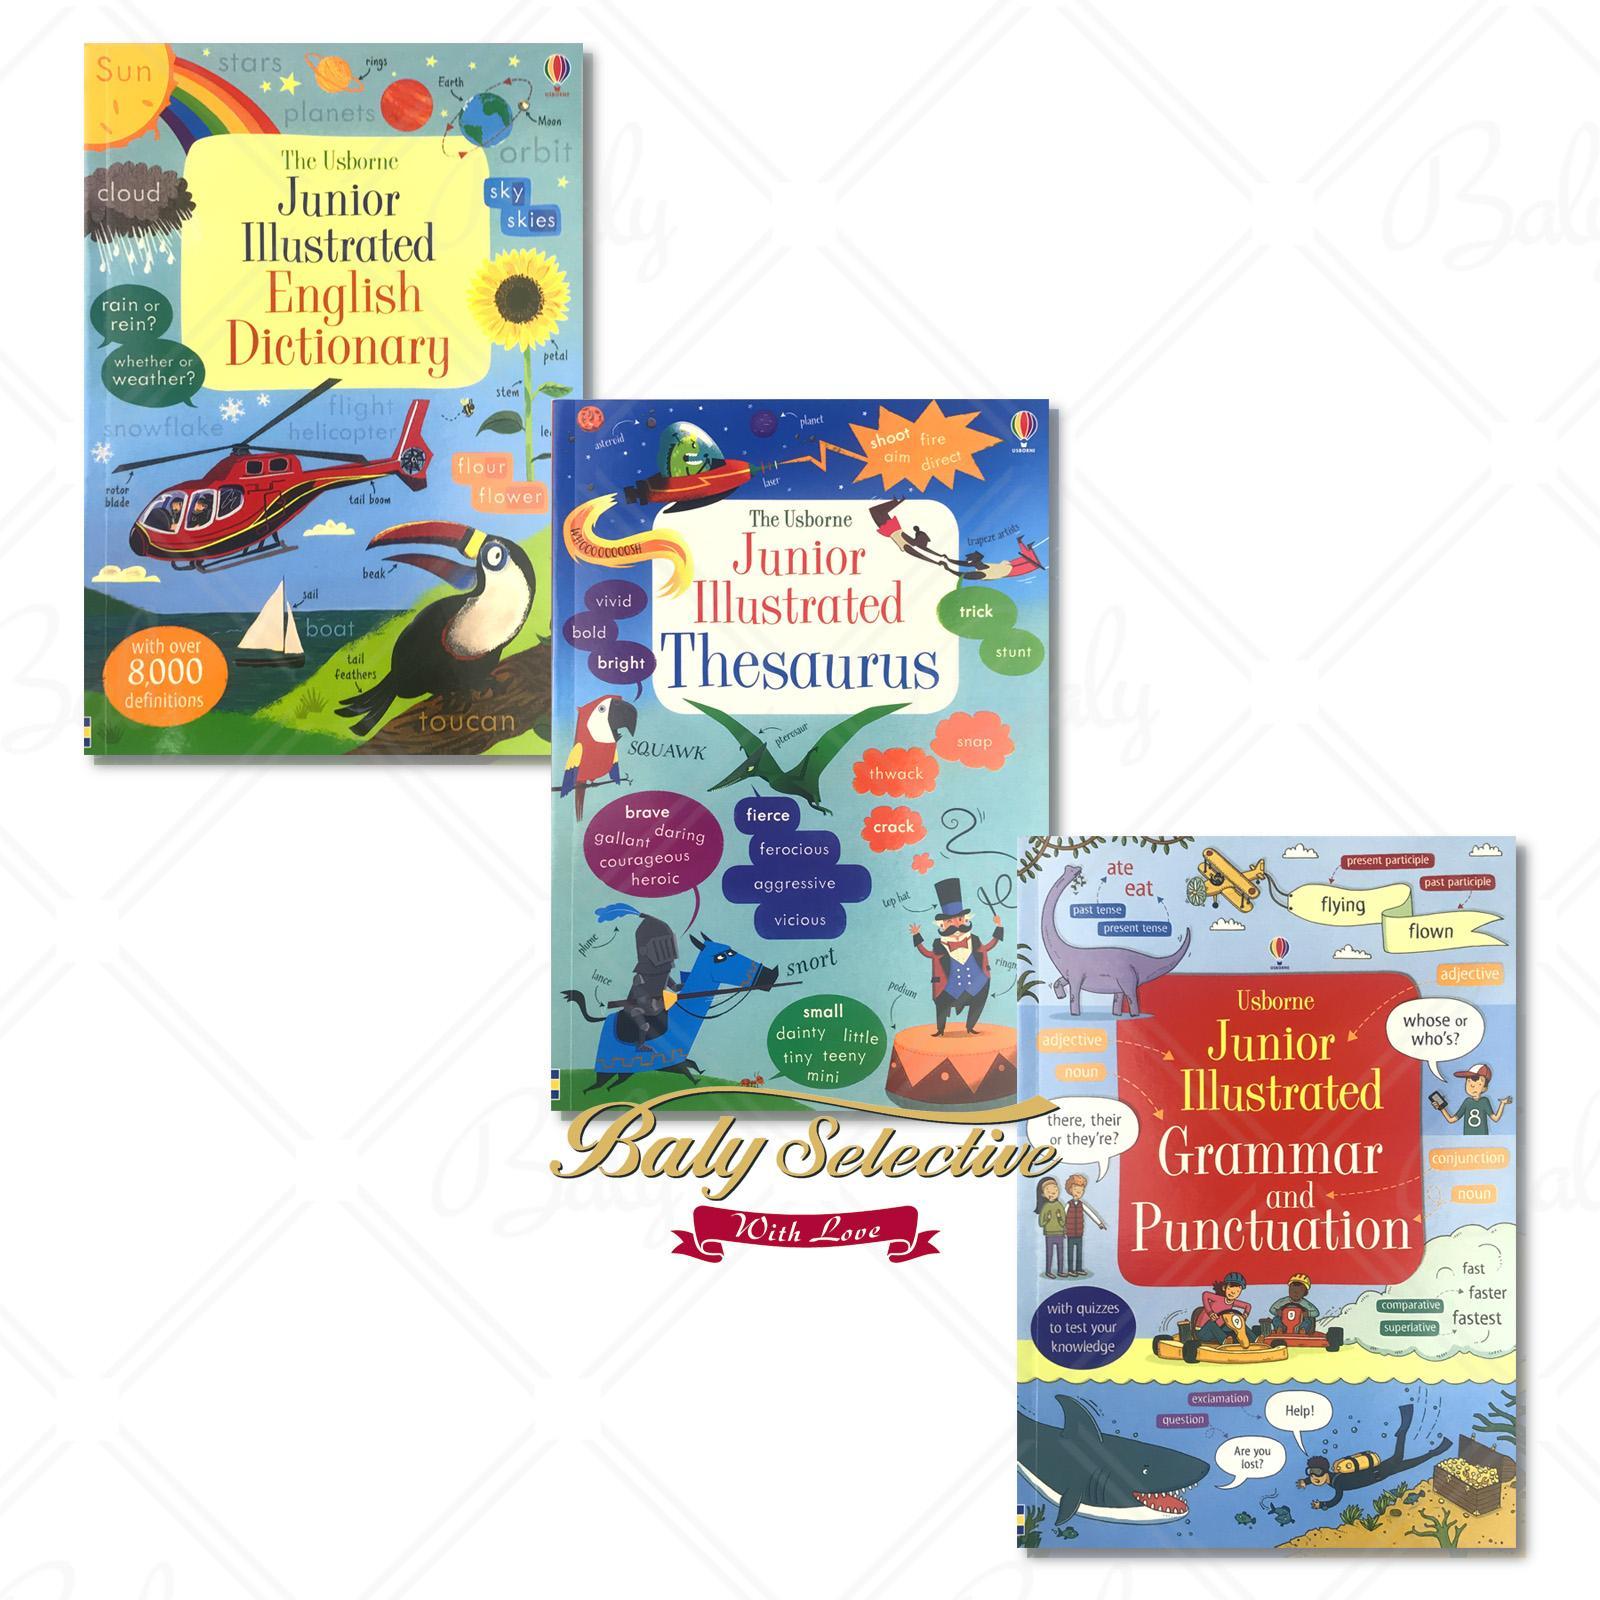 English Dictionaries - Buy English Dictionaries at Best Price in